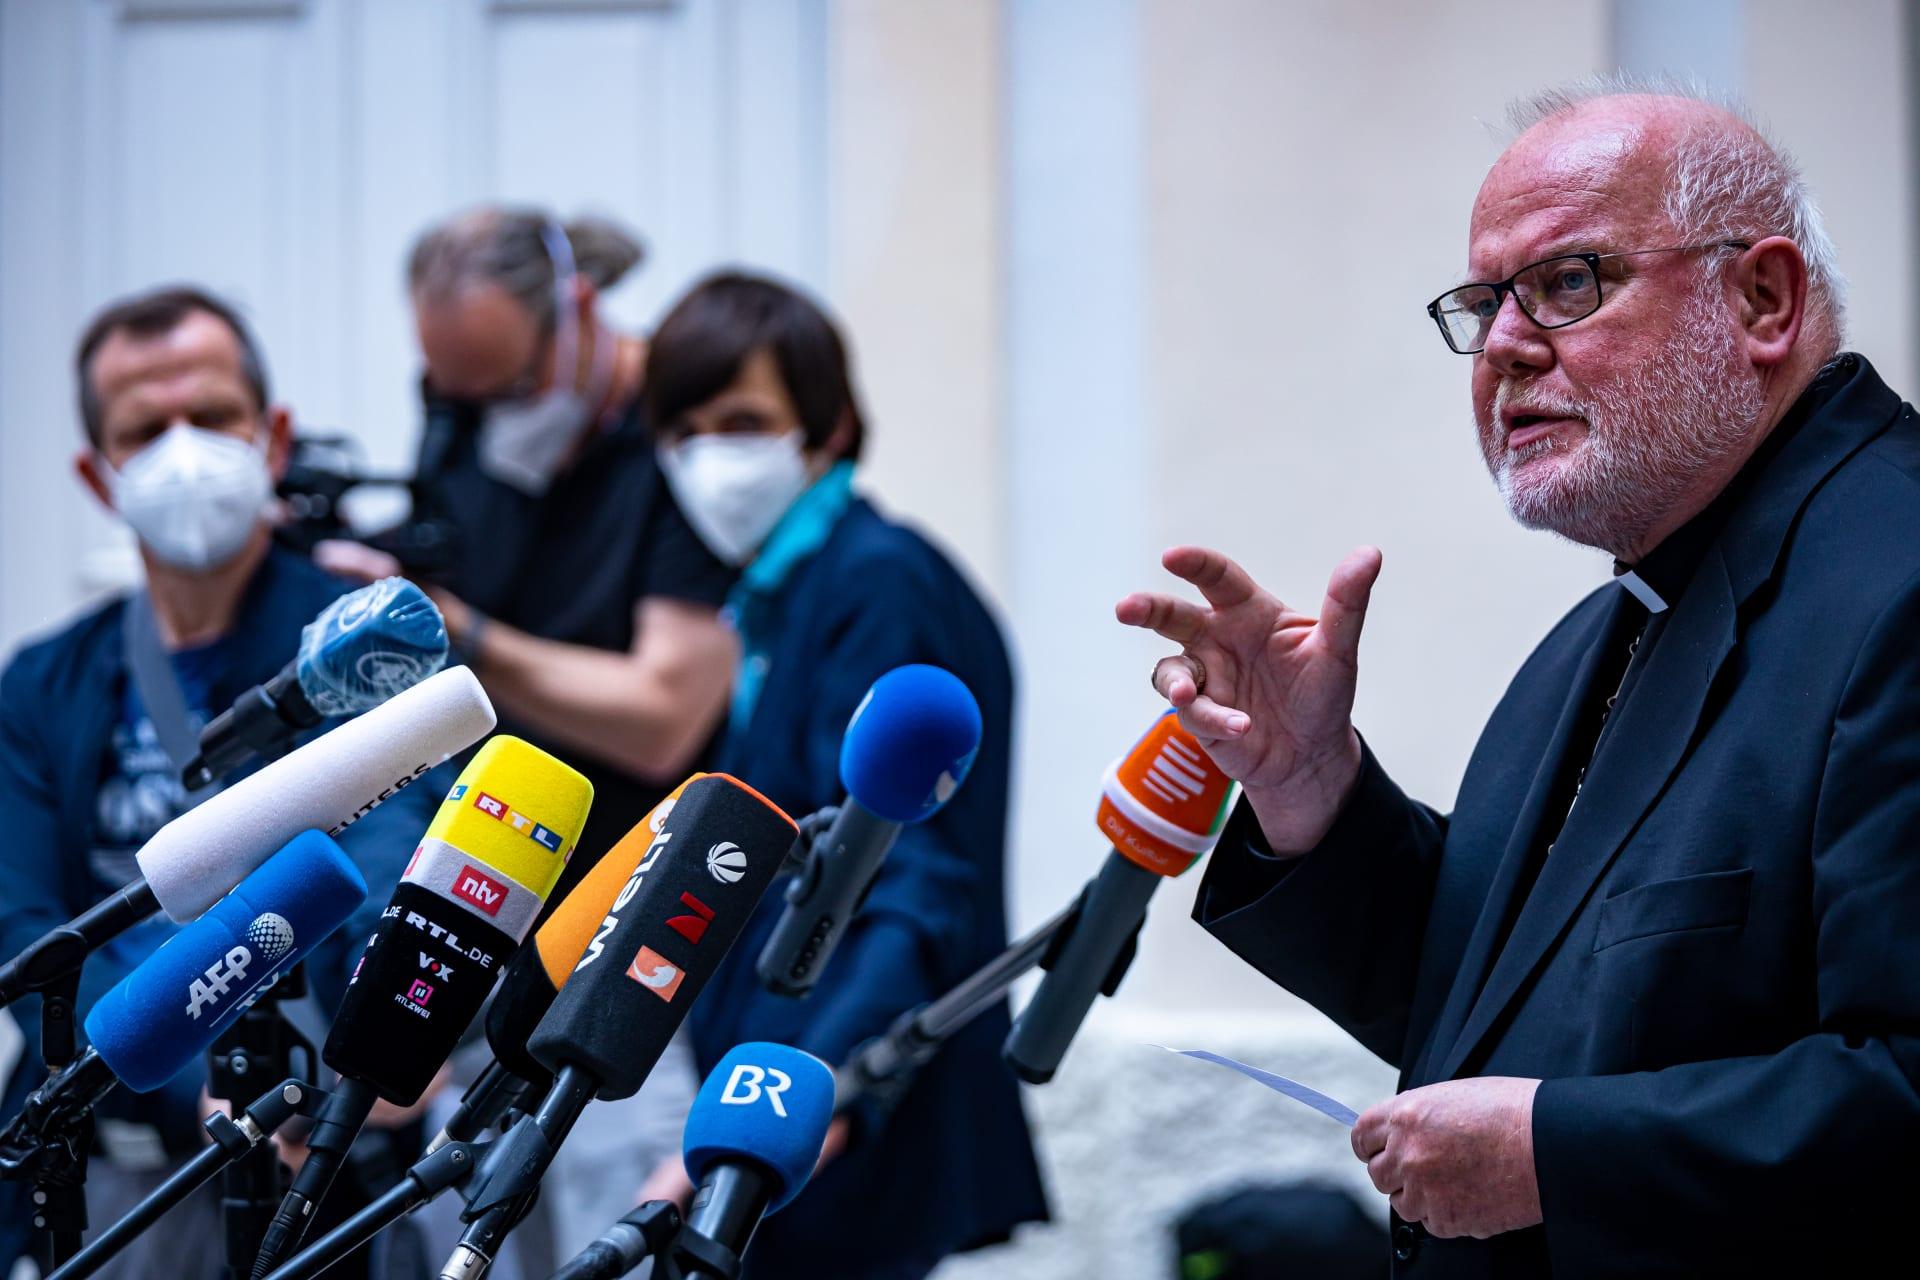 رئيس الكنيسة الكاثوليكية في ألمانيا، الكاردينال راينهارد ماركس